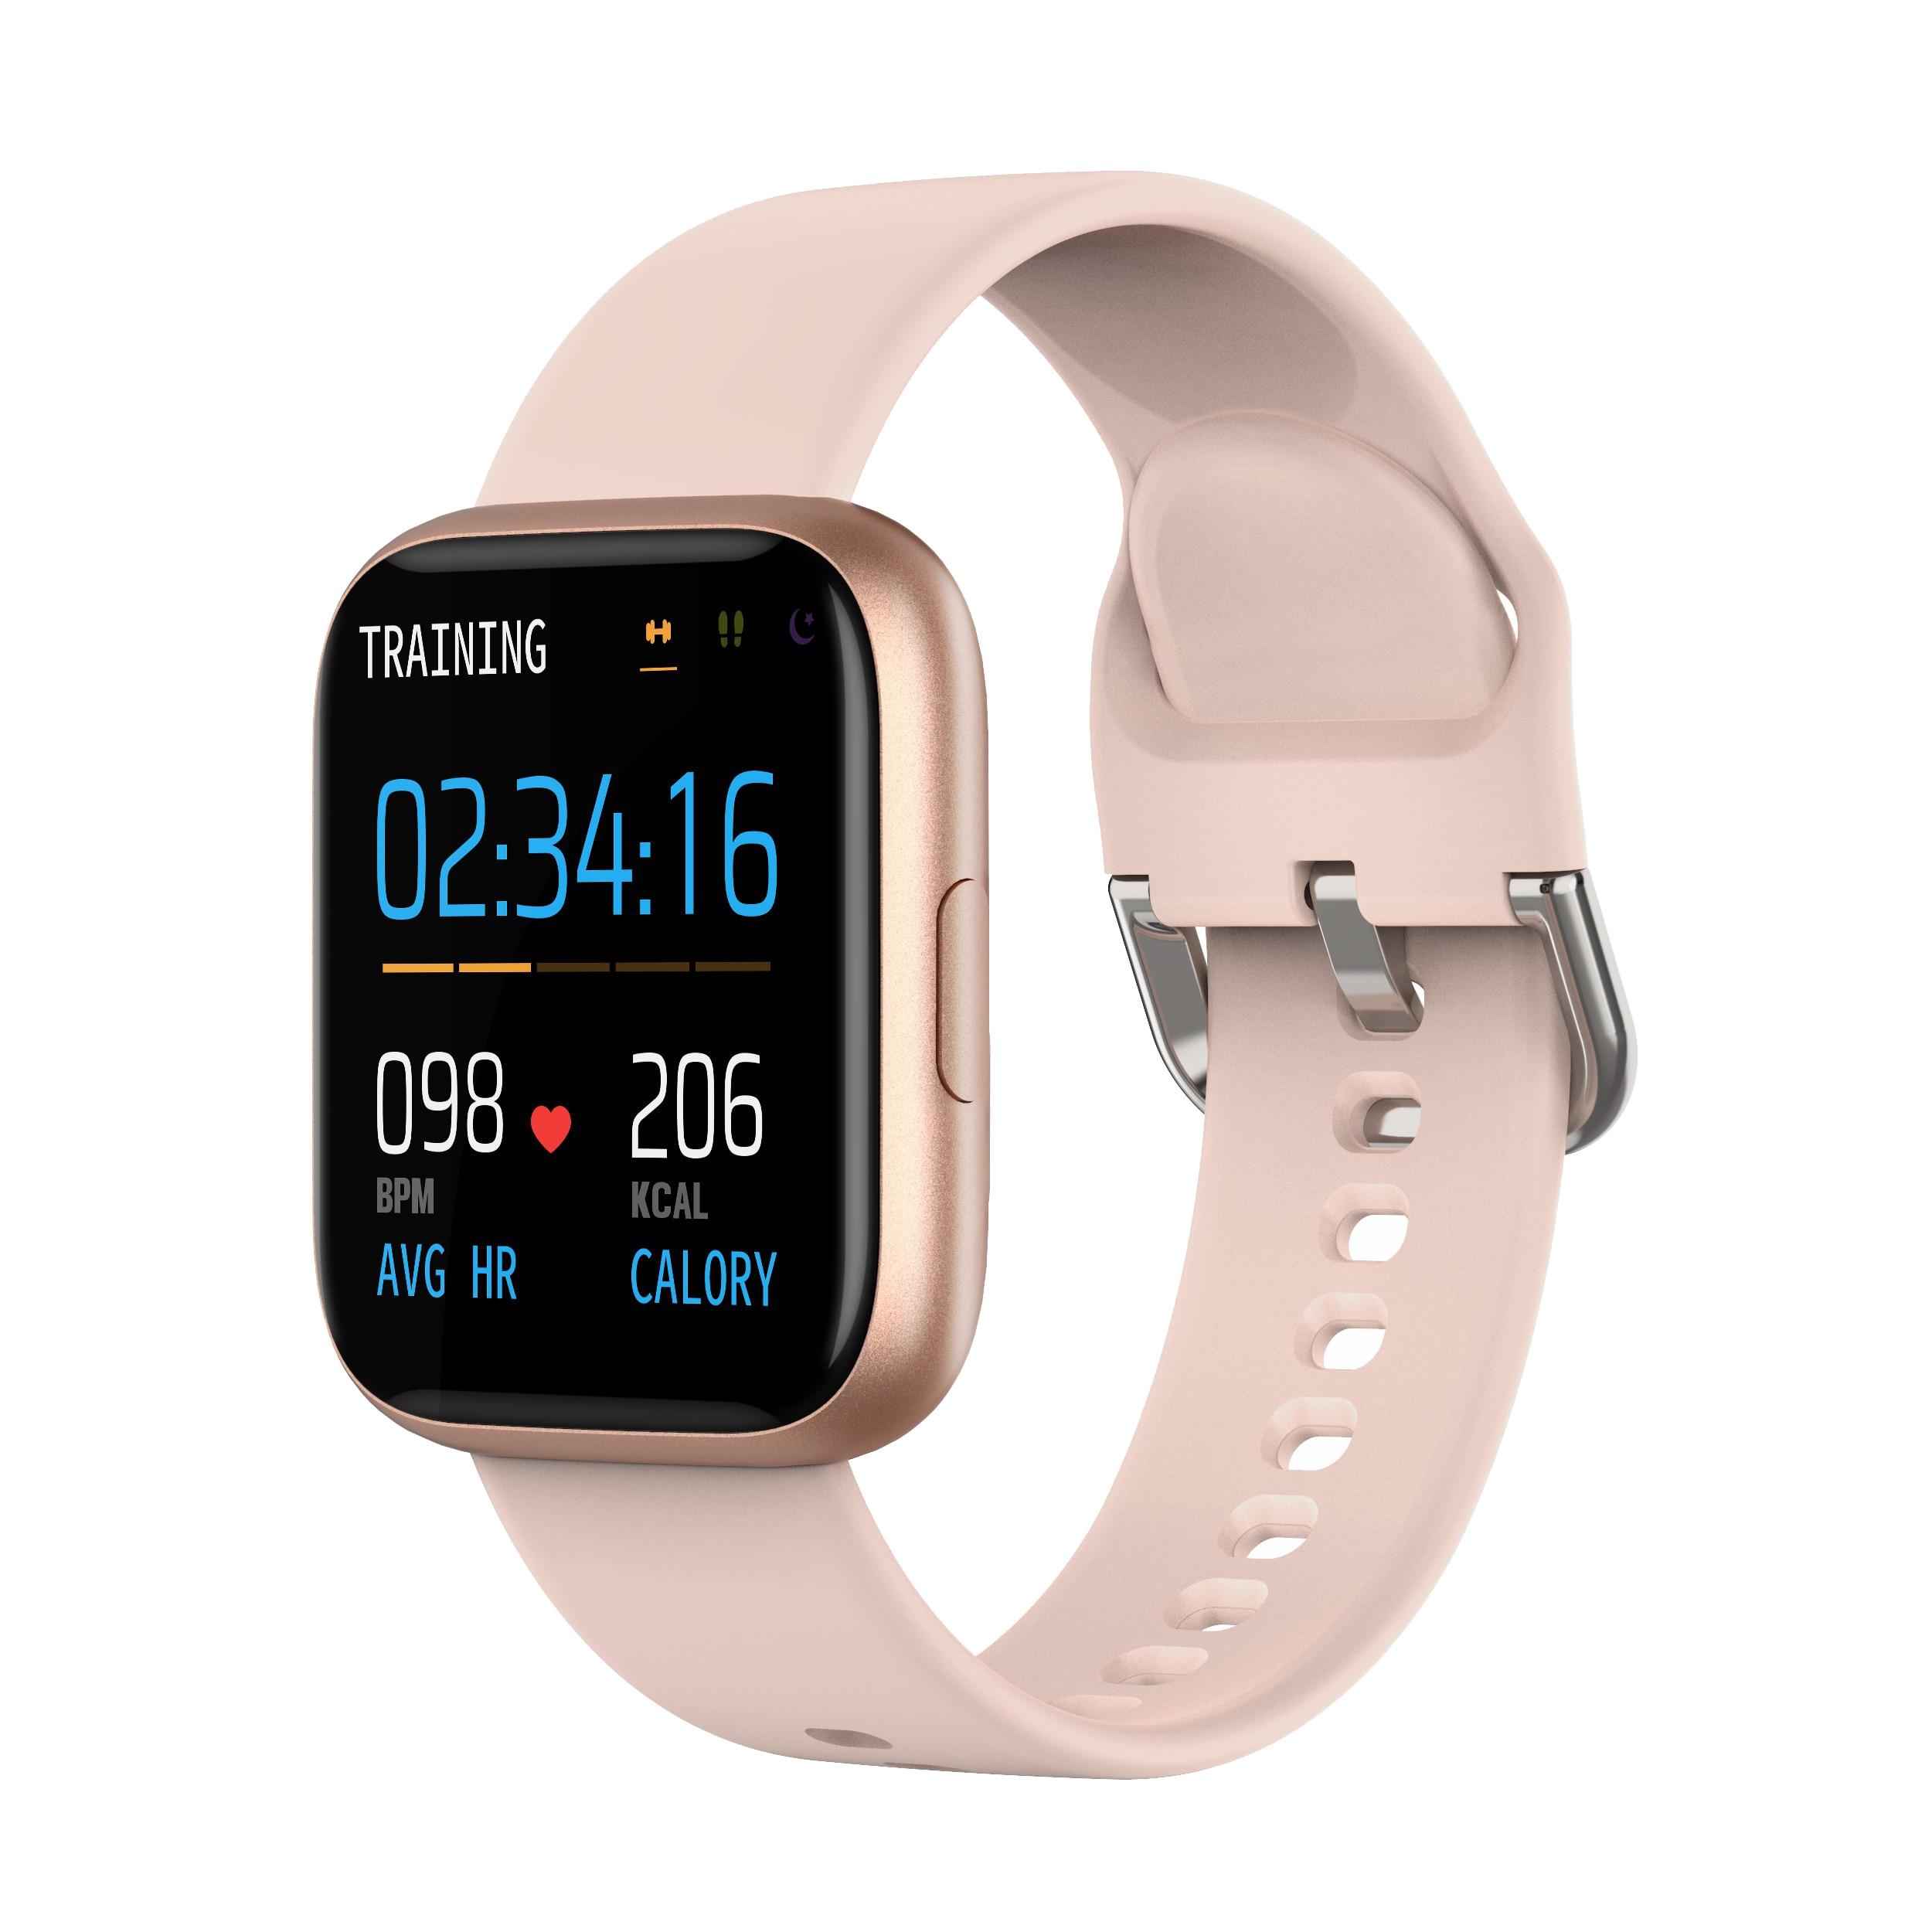 KARUNO P6 Smart Watch Sport Digital Watch Women Blood Pressure Heart Rate Monitor Fitness Watch Waterproof Womens Watch Bracelet